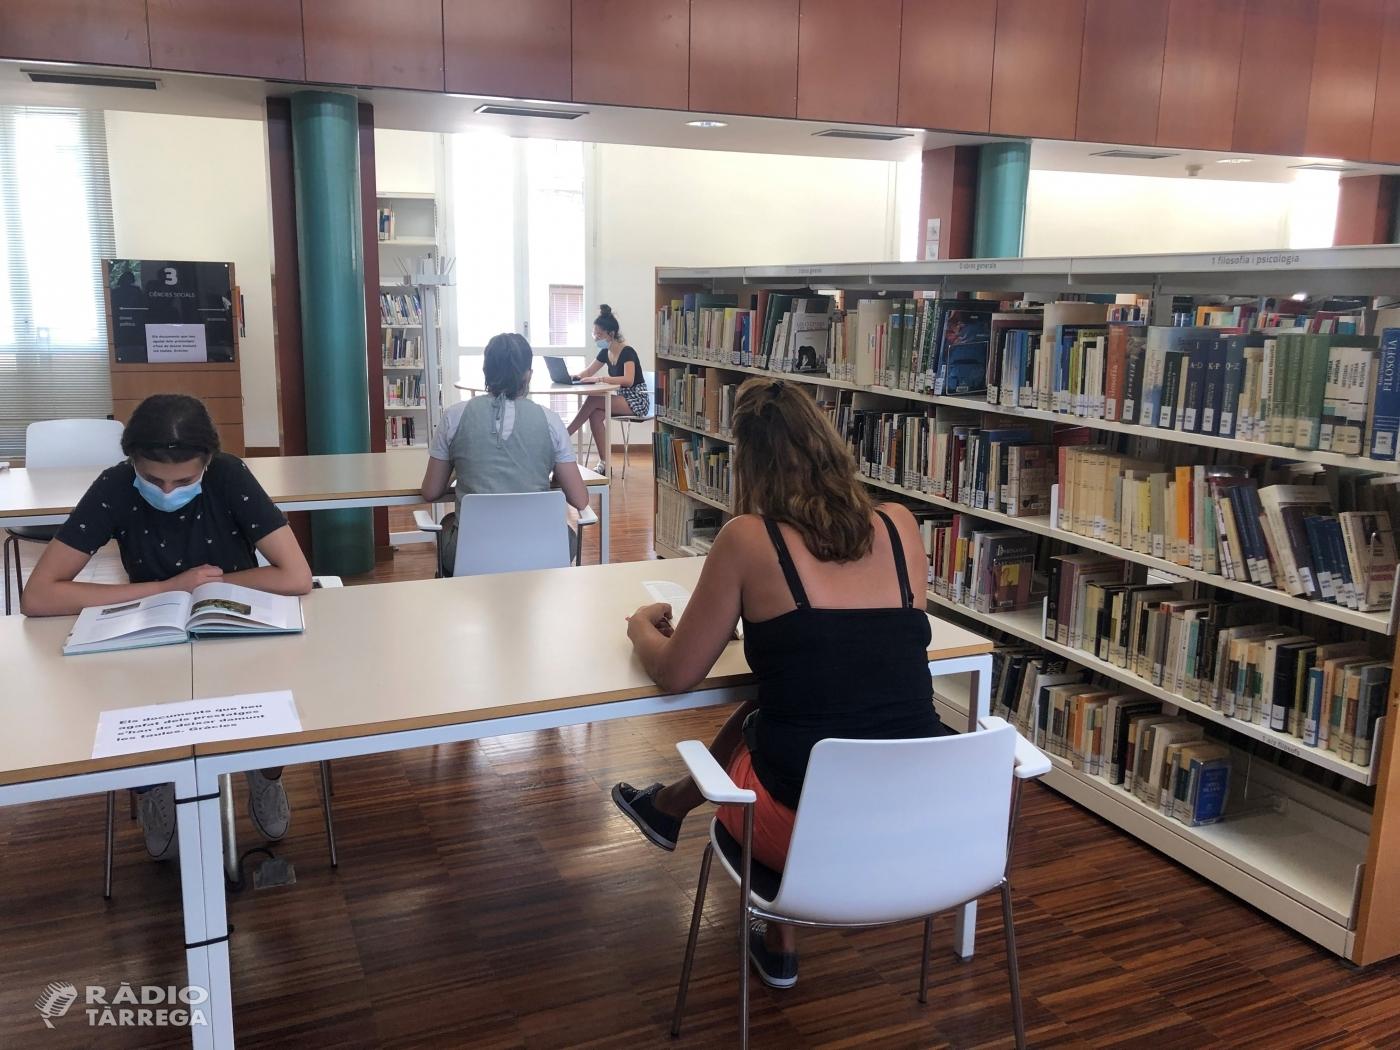 Reobren les sales de lectura de la Biblioteca Pública de Tàrrega – Germanes Güell amb el 50% de l'aforament permès